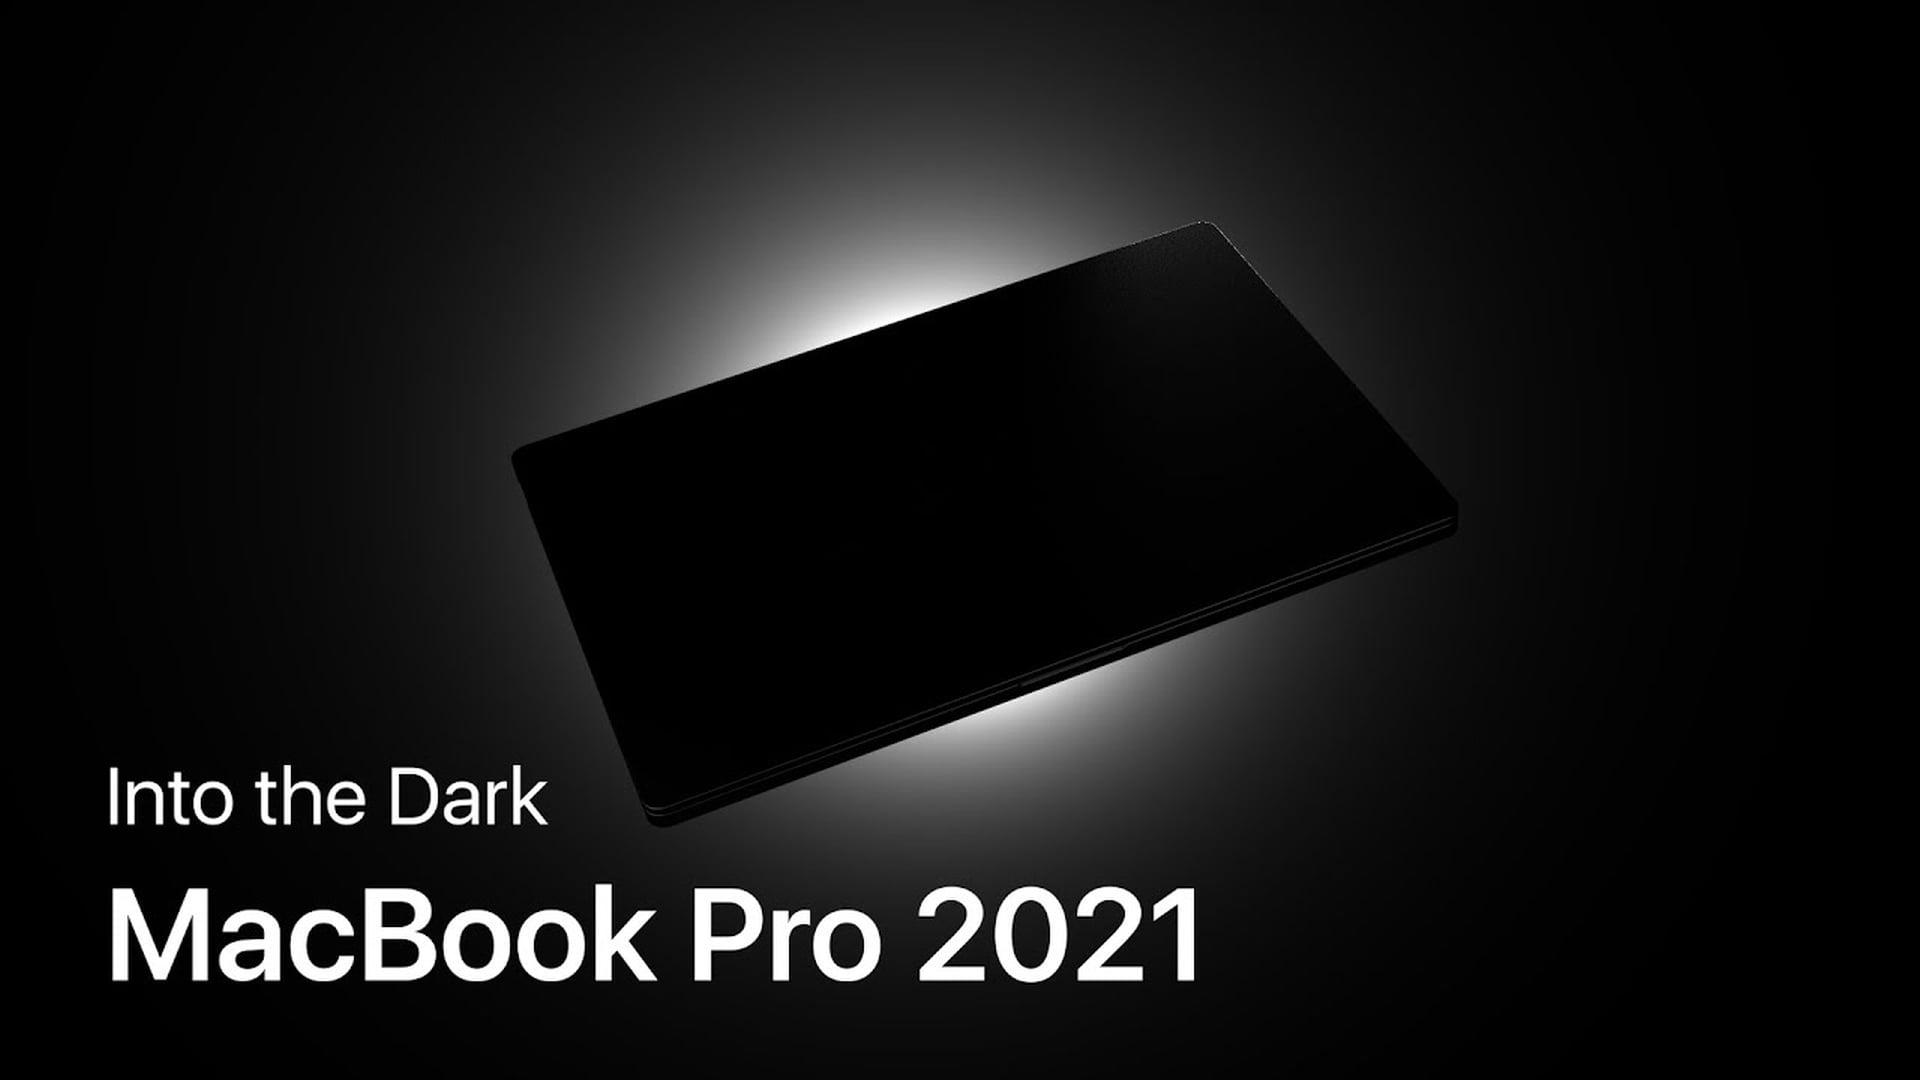 Koncepcyjna wizja wyglądu tegorocznego MacBooka Pro